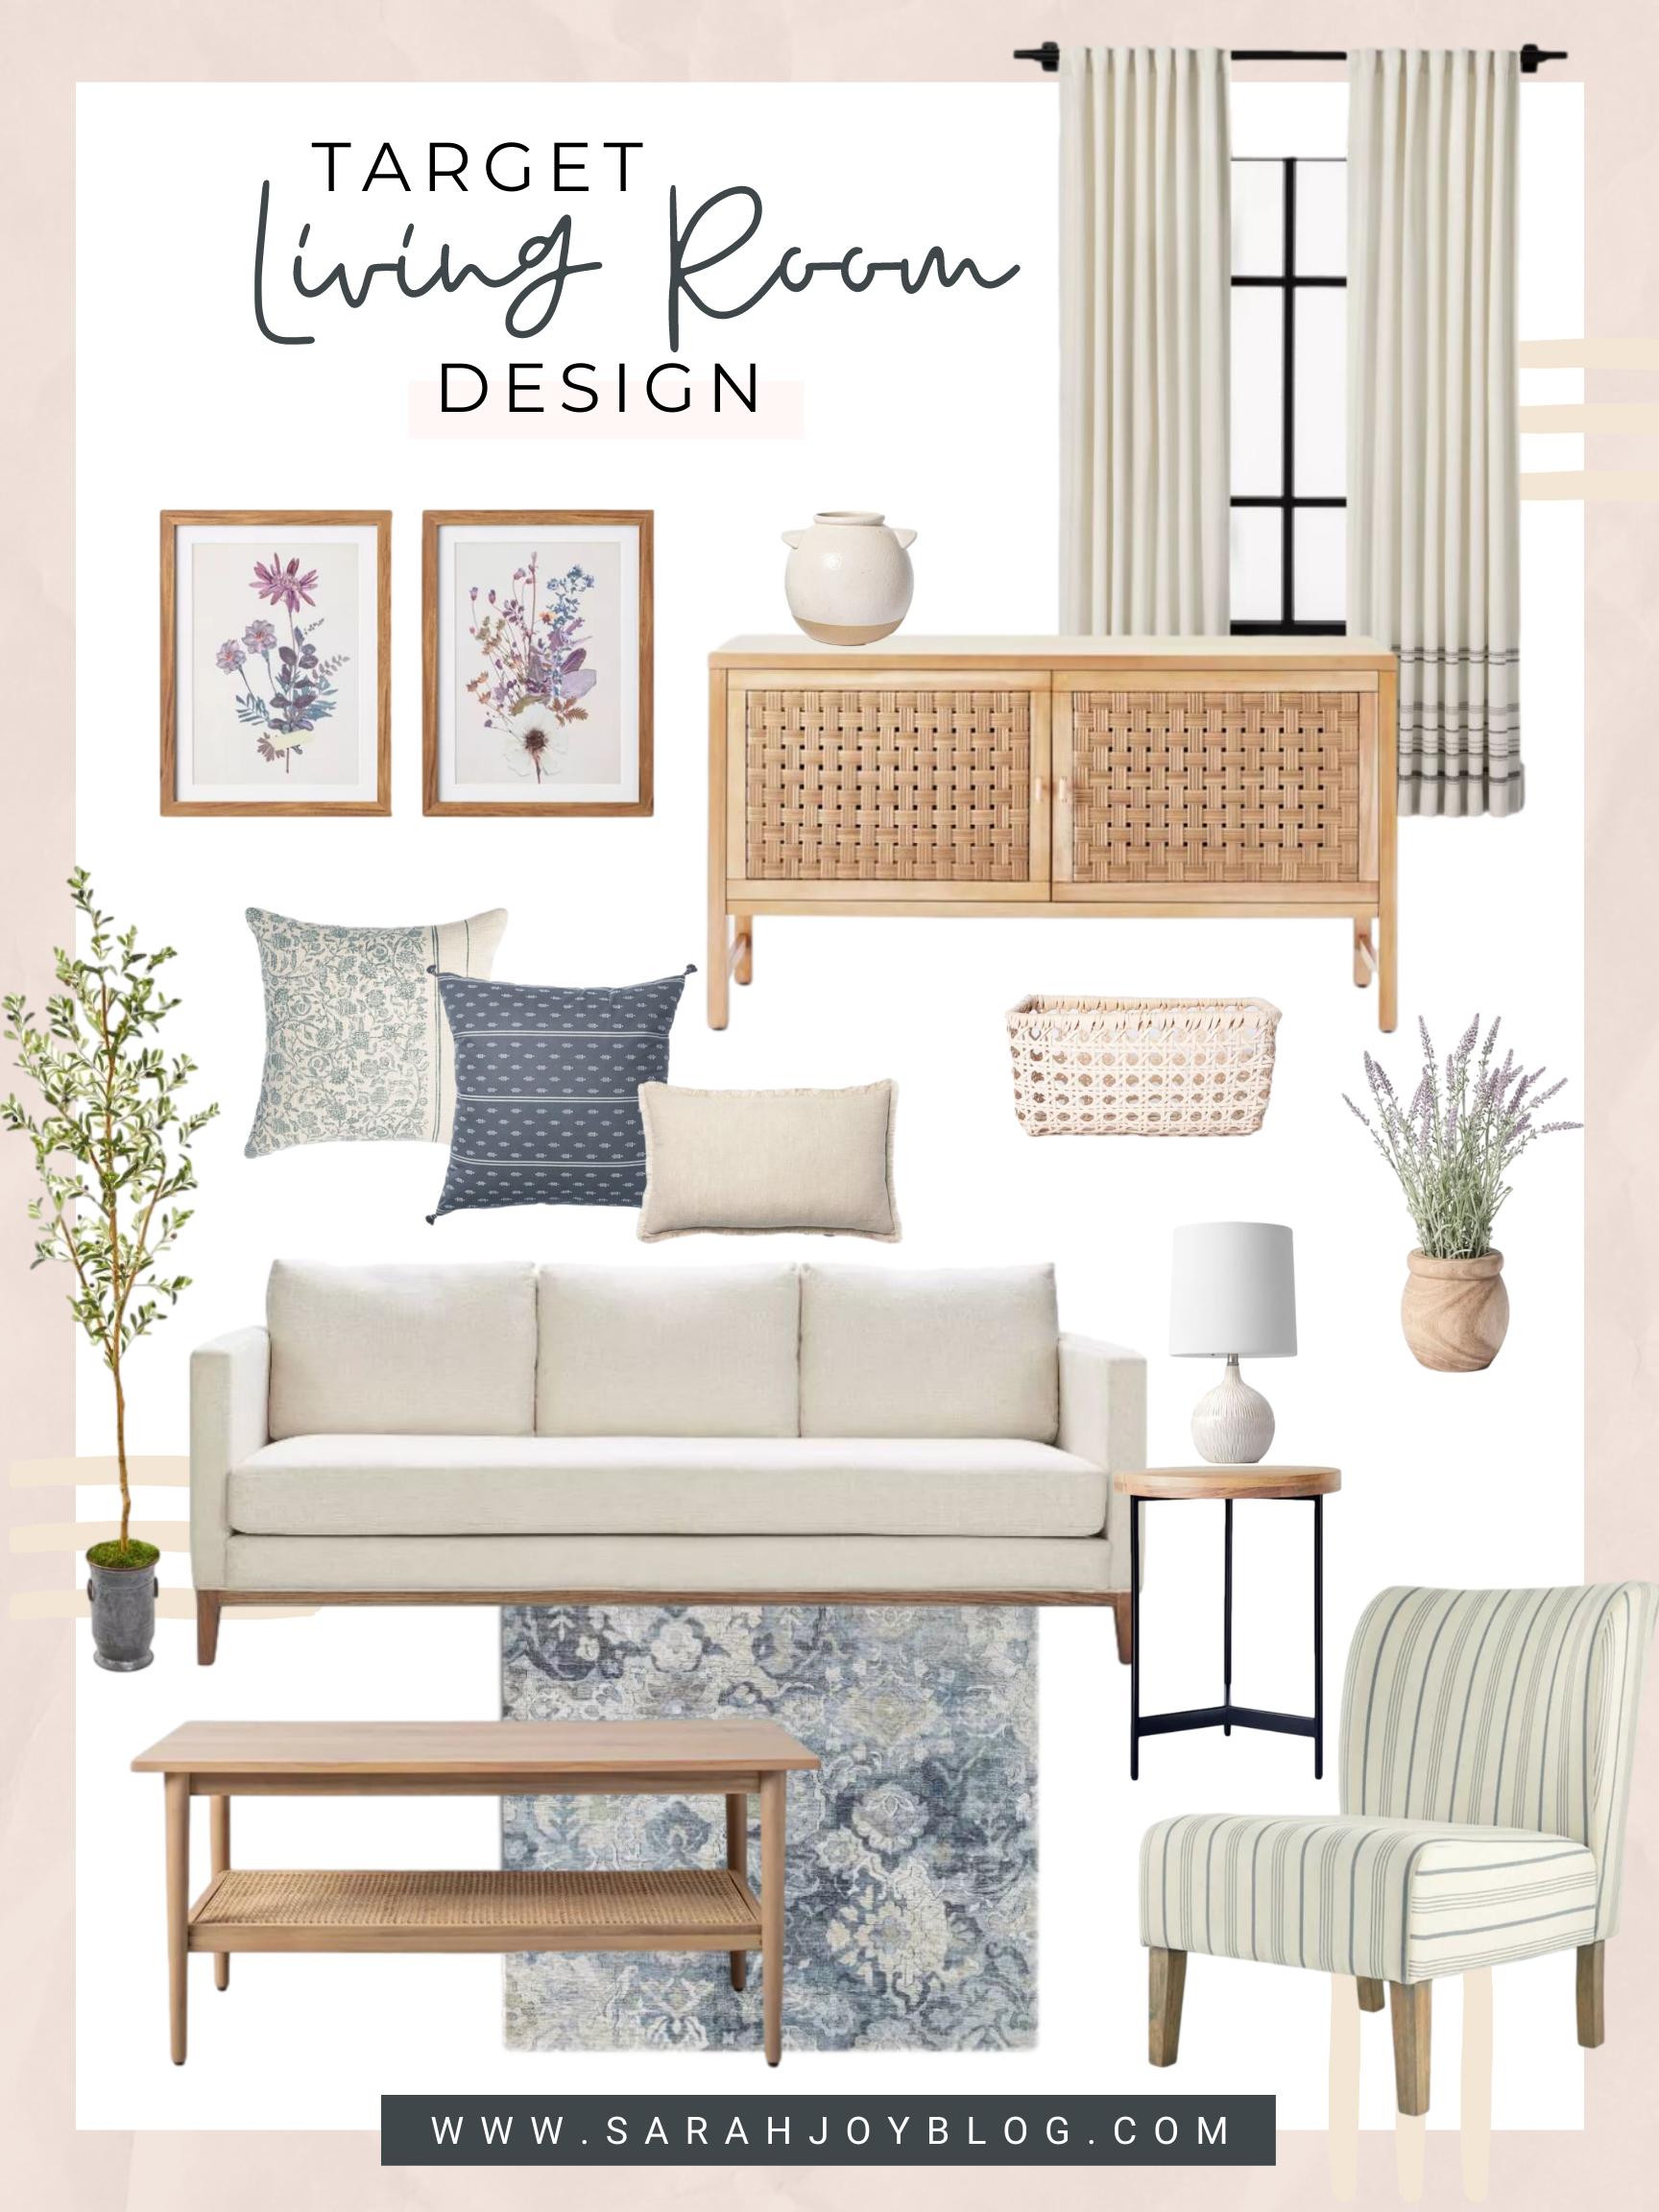 Target Living Room Design